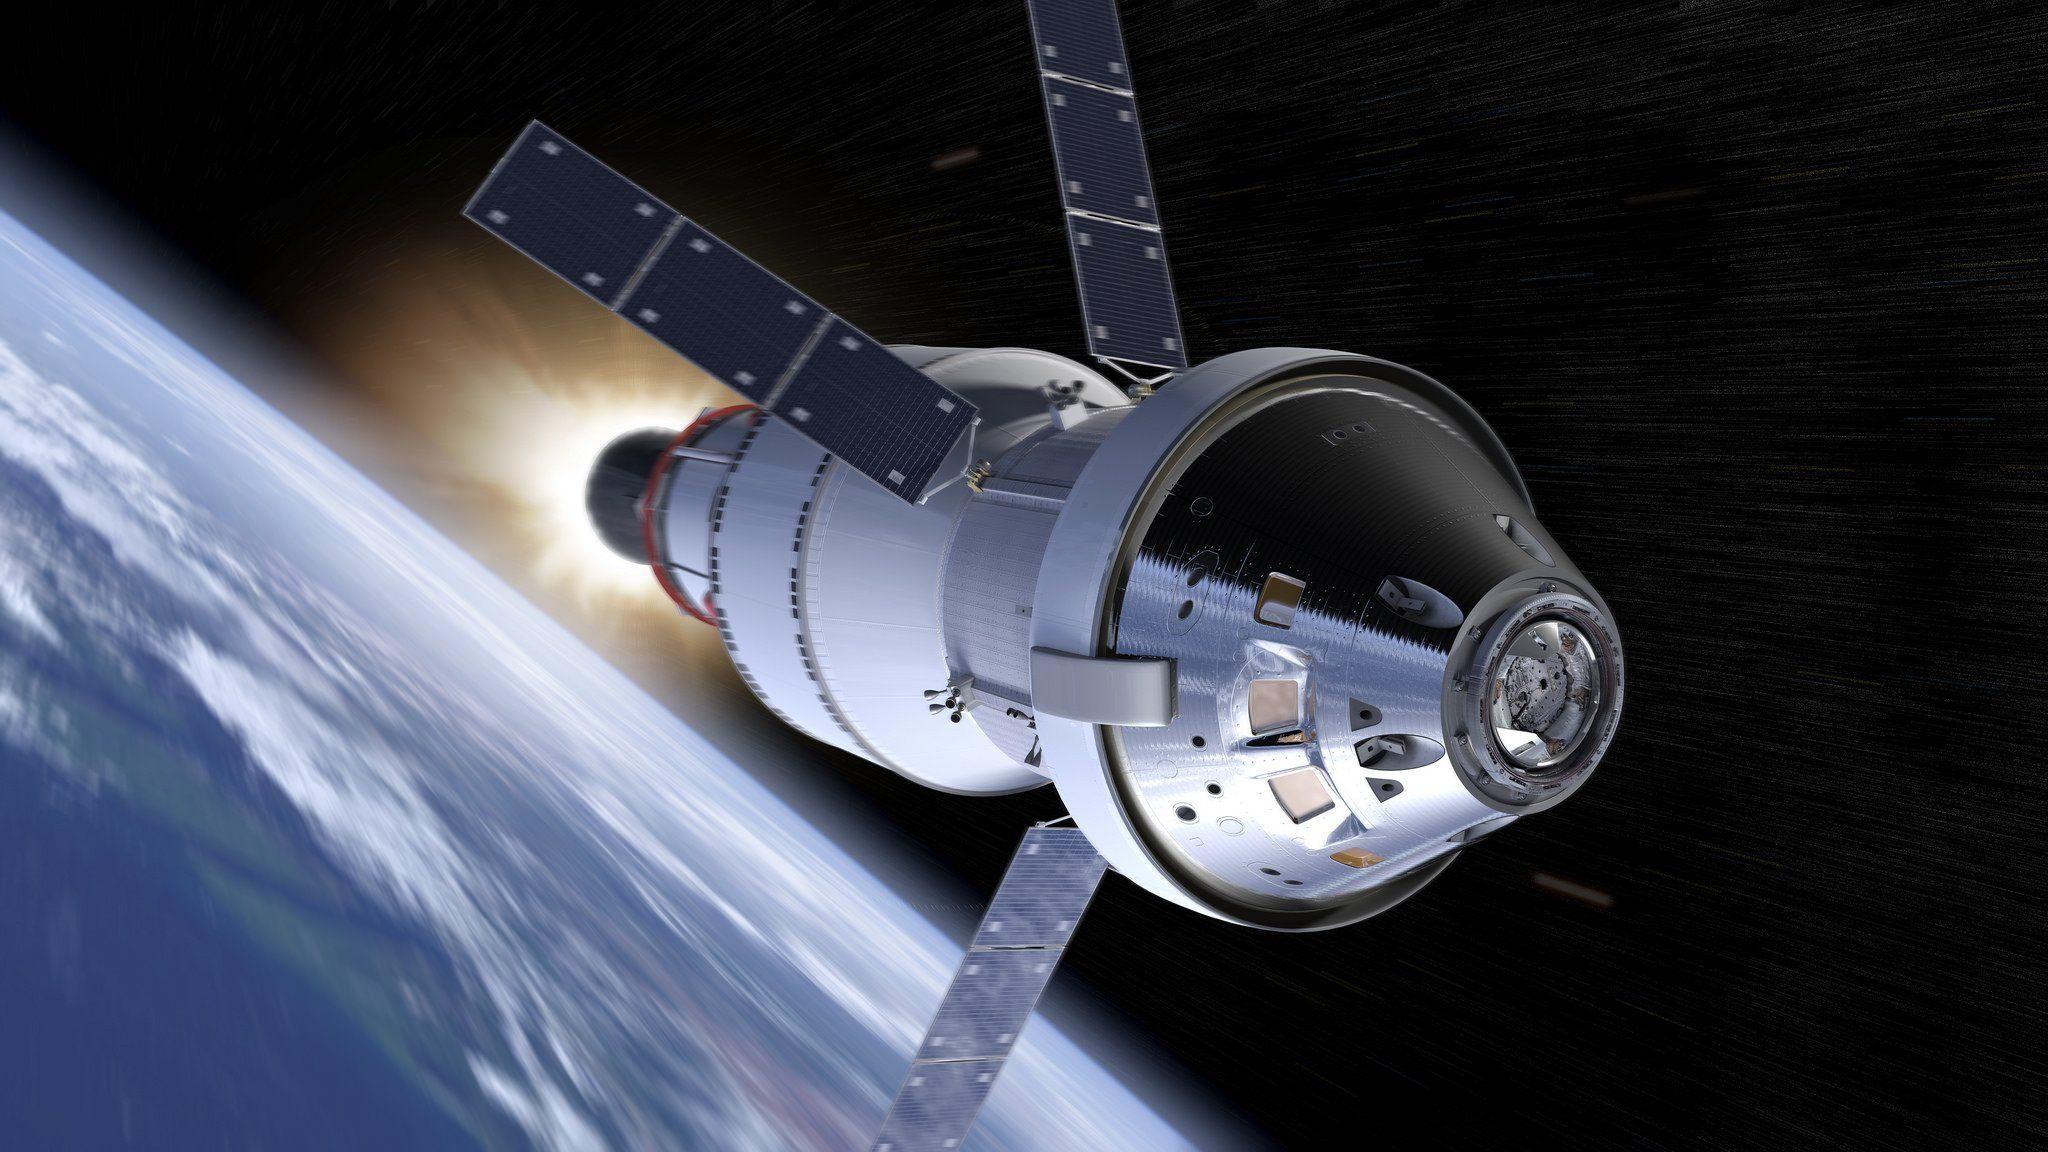 La NASA enviará a la primera mujer a la Luna